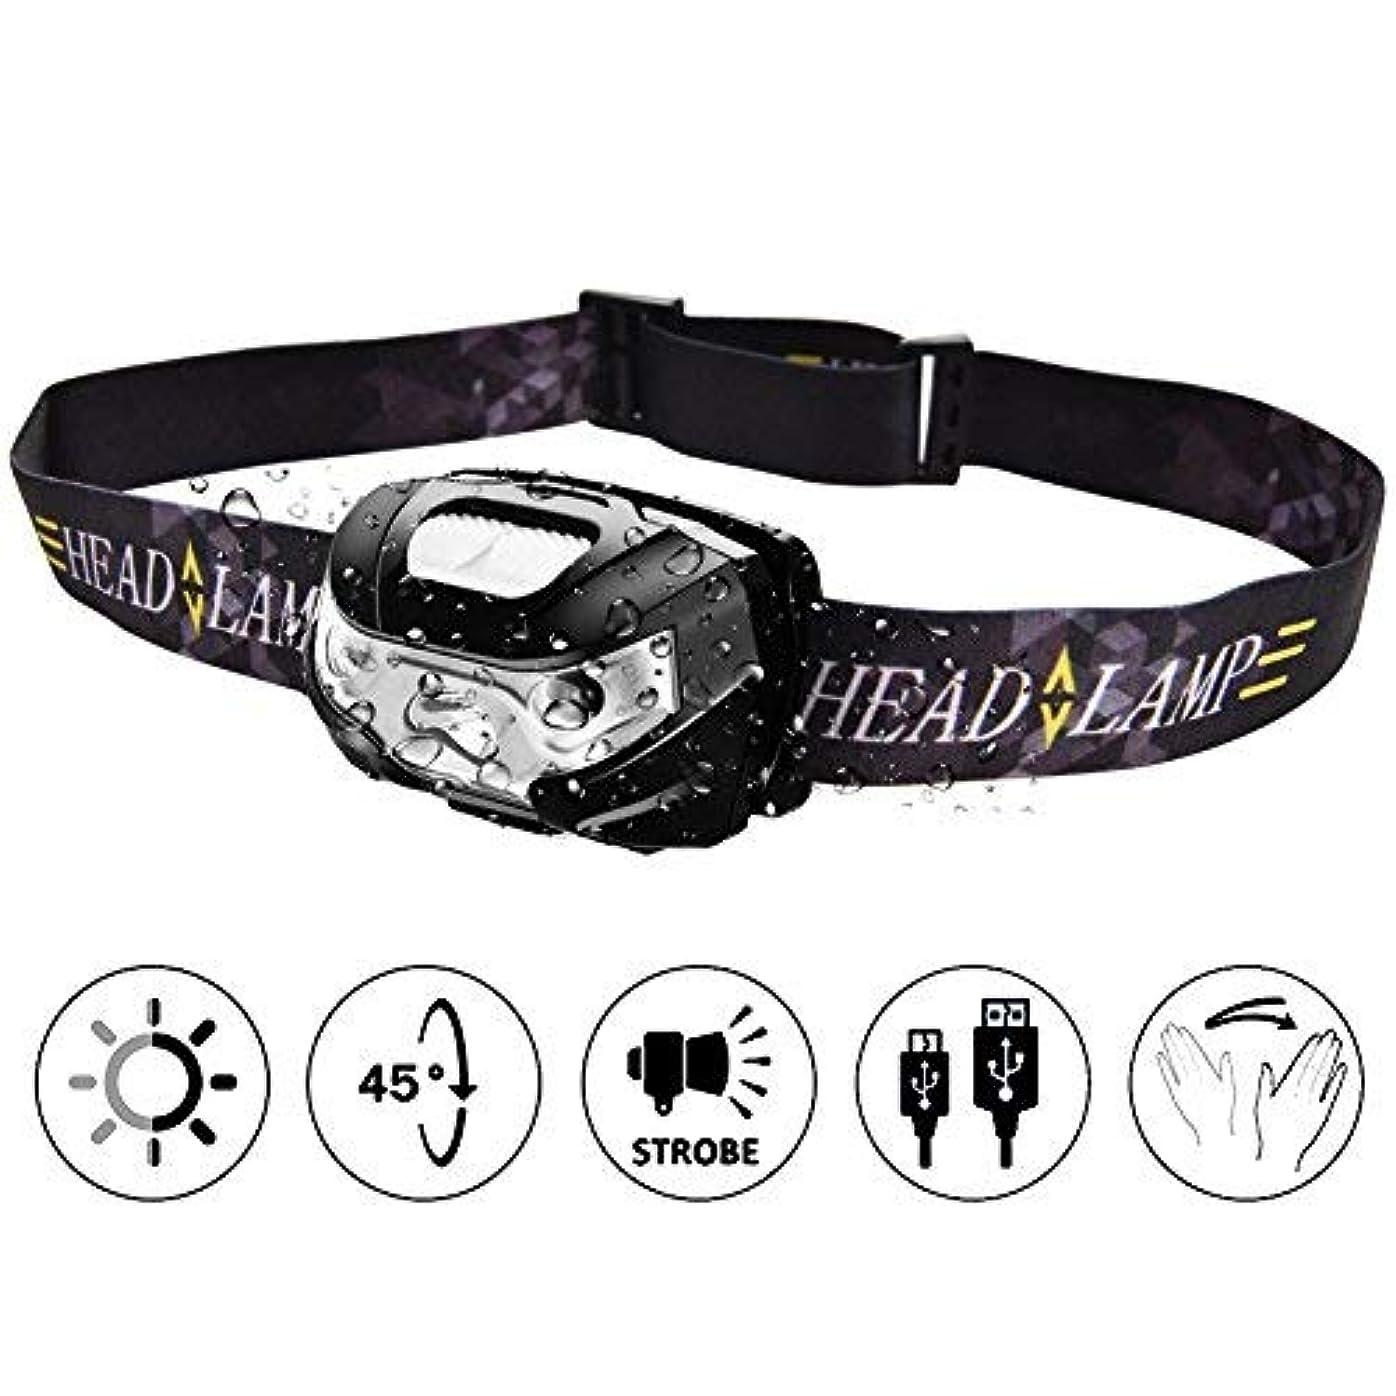 死傷者ビバ圧縮TinMiu LEDヘッドライト150ルーメン ANSI規格準拠 IPX4防水 USB充電式 ヘッドライト 三つモード切替 アウトドア スポーツ 登山用 防災